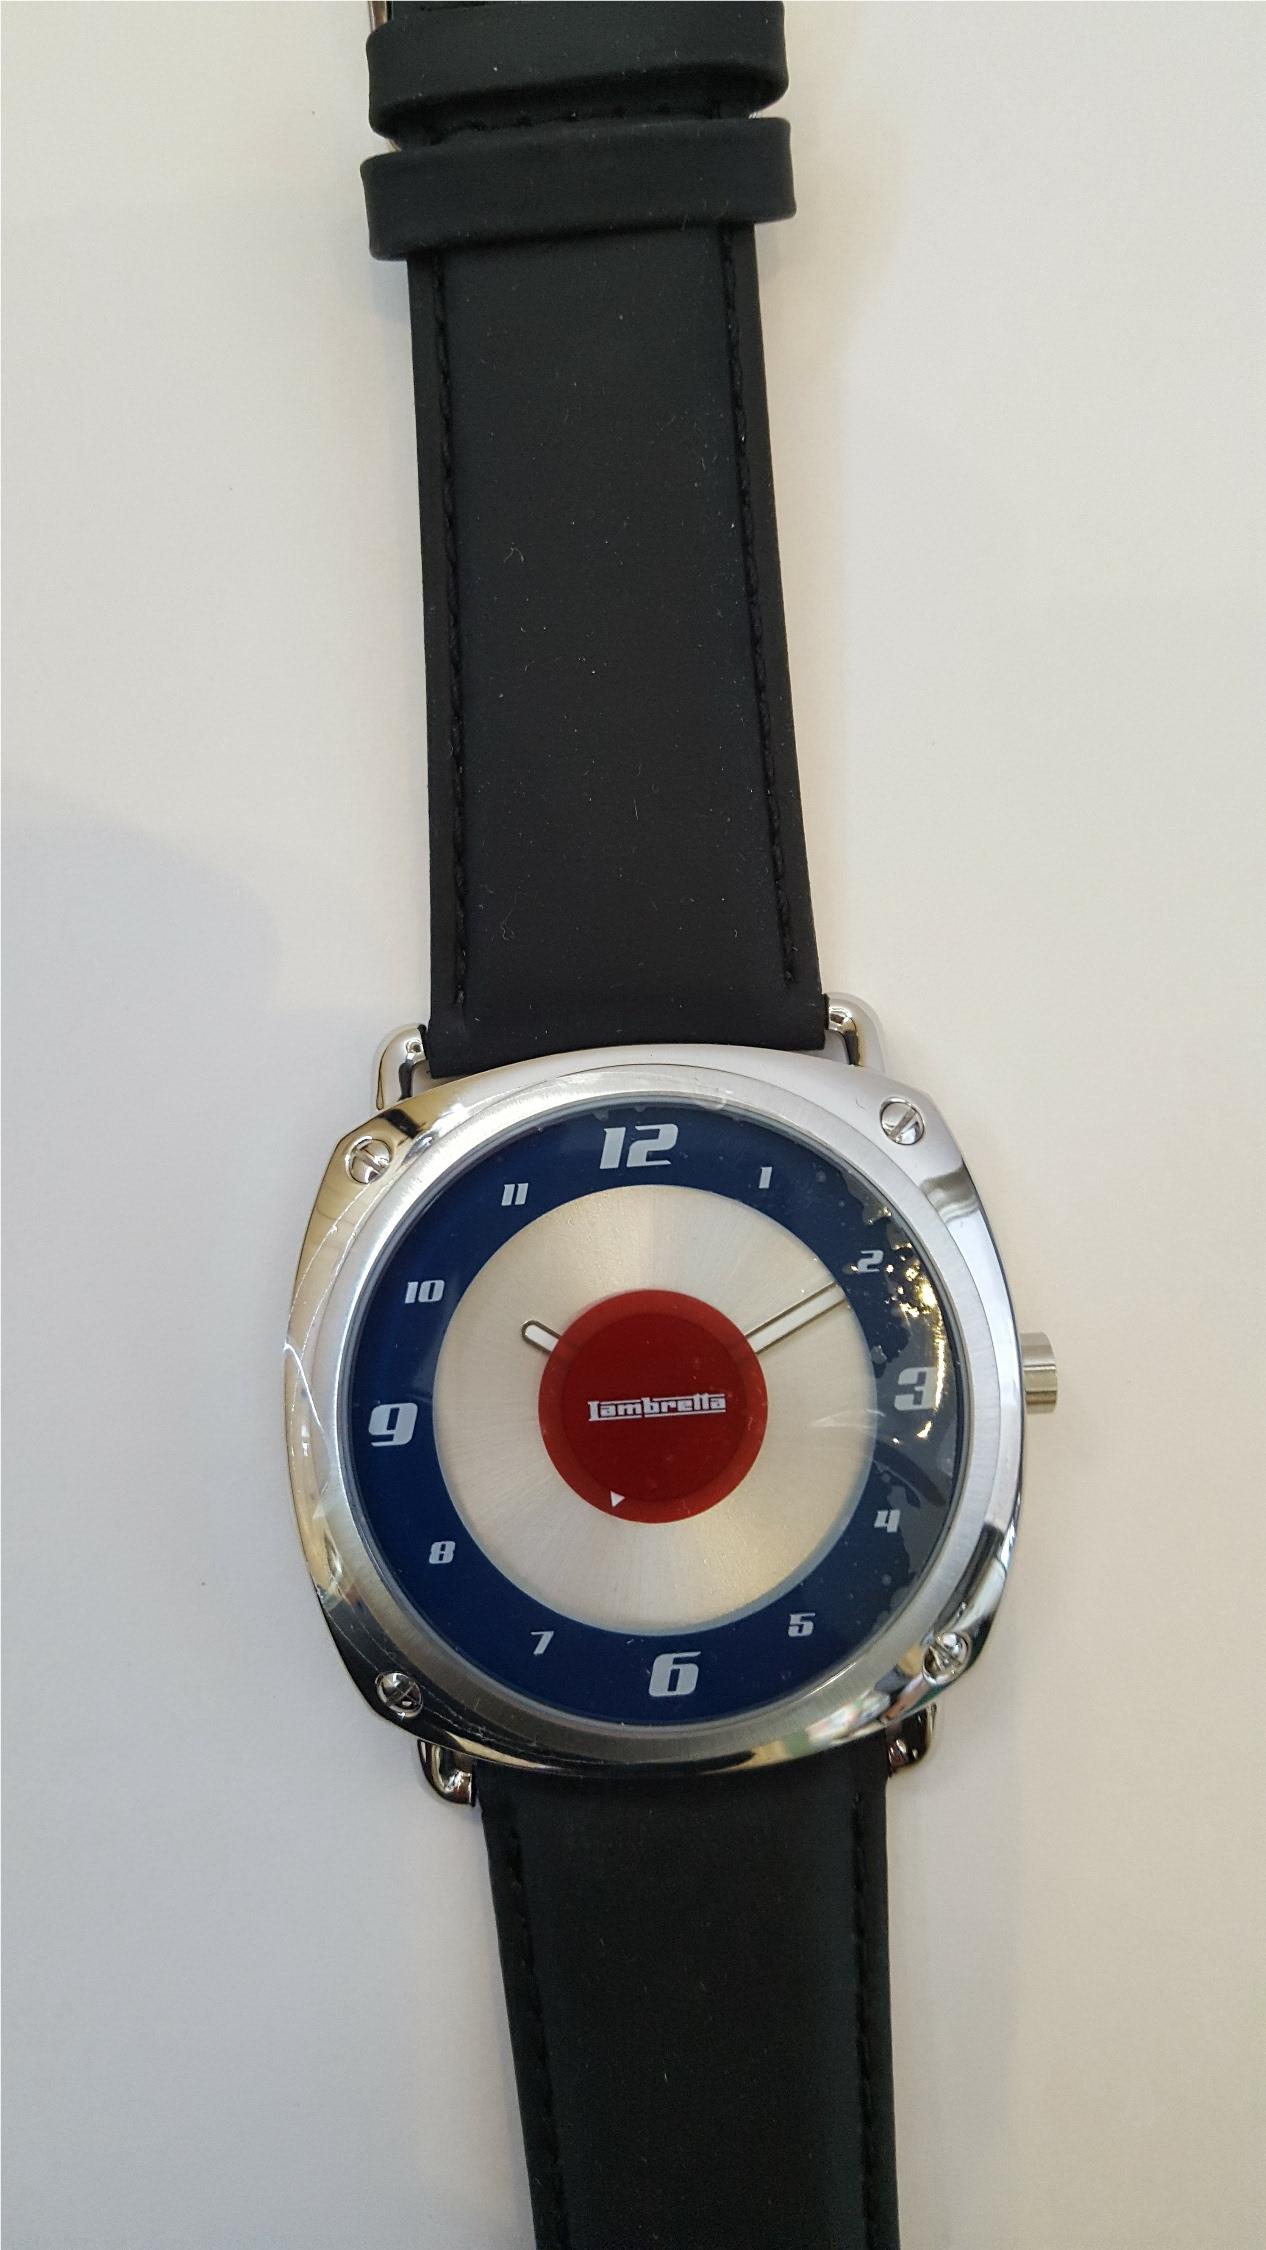 Lot 19 - Vintage Wrist Watches 1 x Zurich Sports & 1 x Lambretta